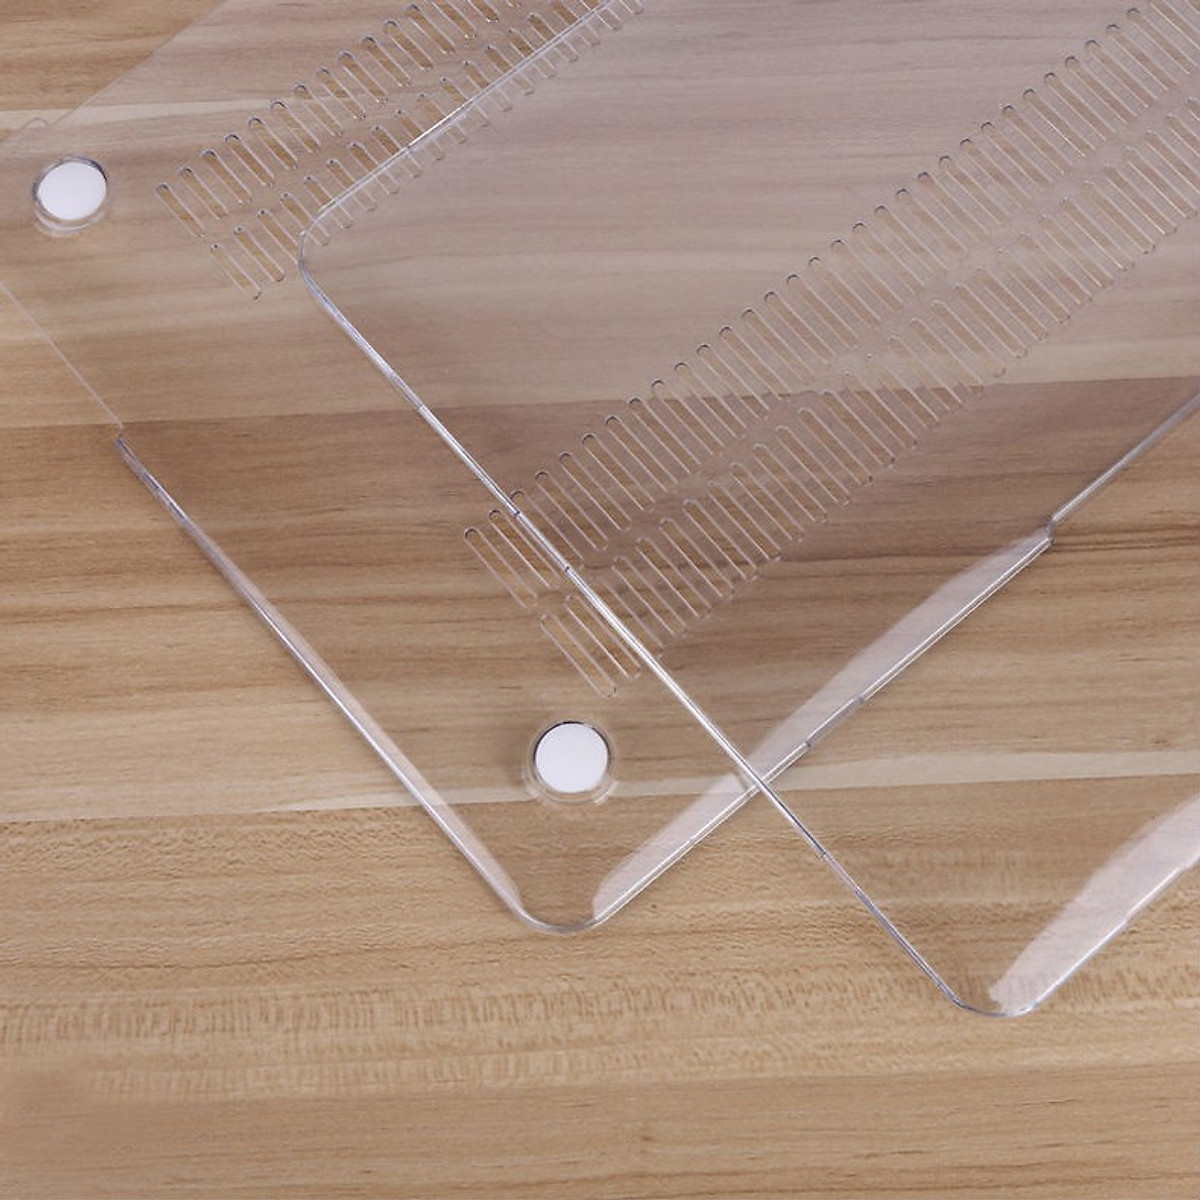 Case, ốp dành cho Macbook trong suốt bảo vệ toàn diện chống va đập, tản nhiệt tốt